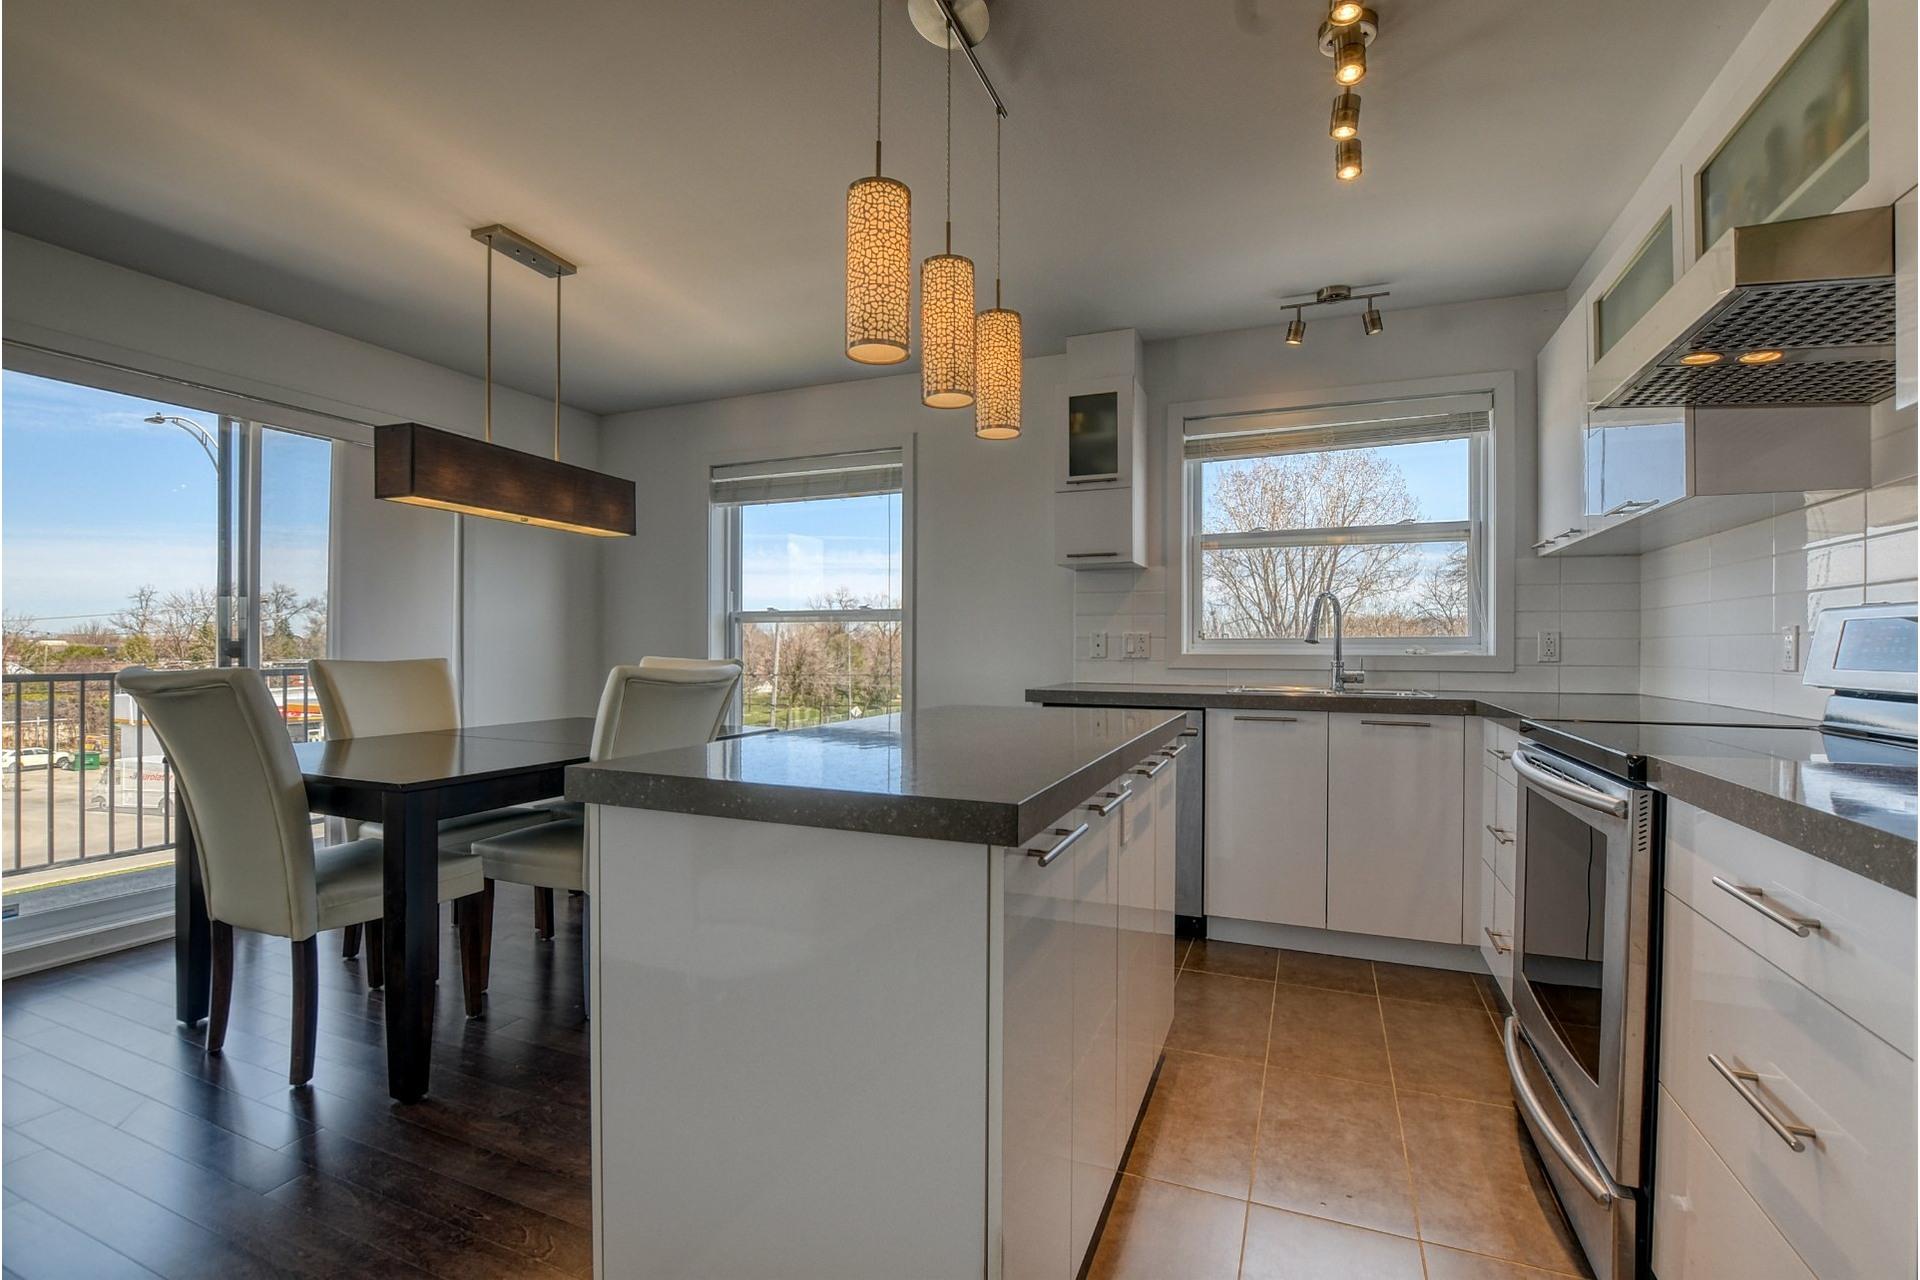 image 13 - Appartement À vendre Rivière-des-Prairies/Pointe-aux-Trembles Montréal  - 11 pièces